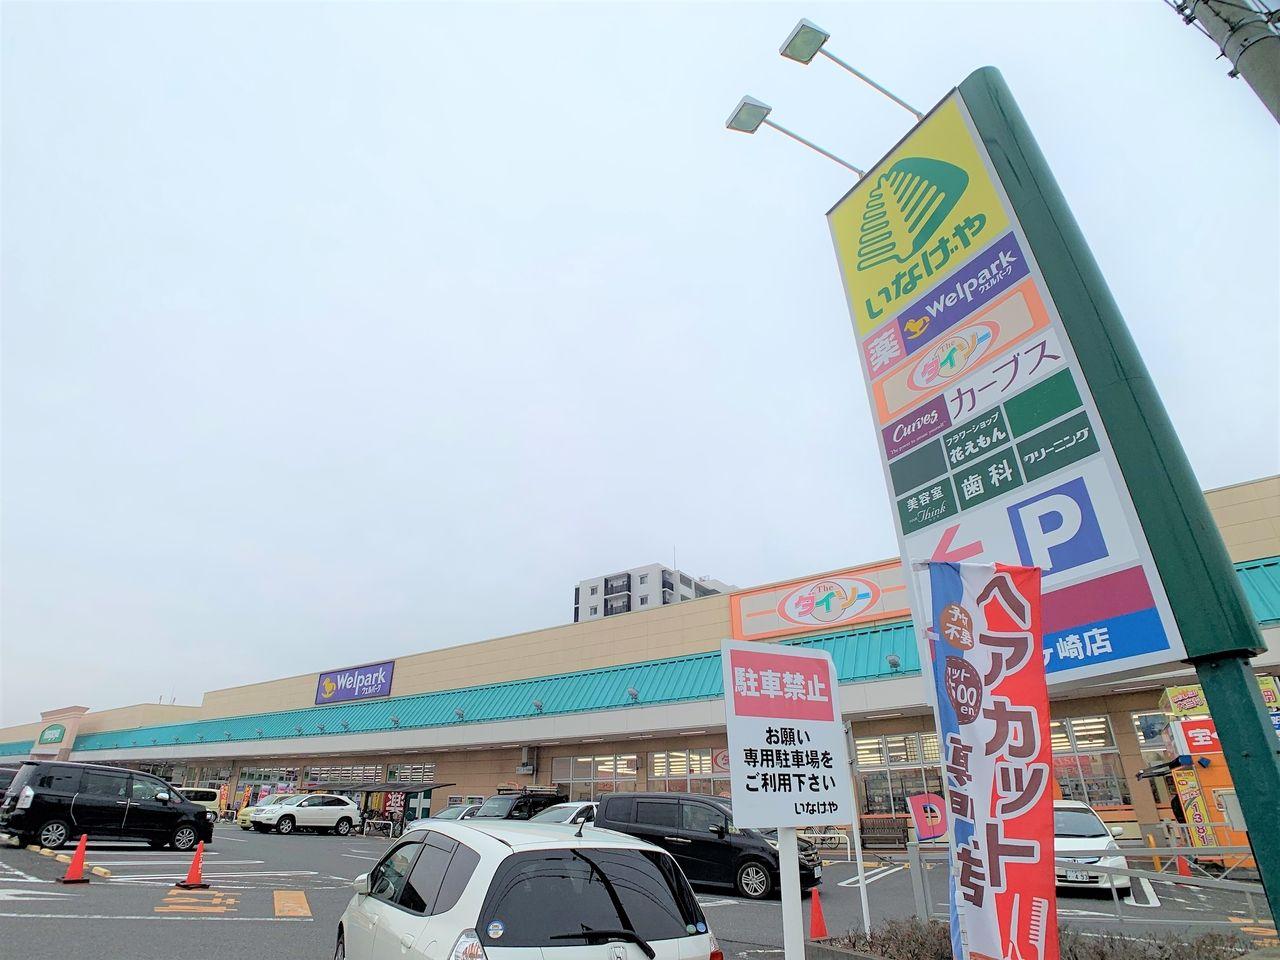 三郷市戸ヶ崎2-243-5 営業時間:9:00~21:00